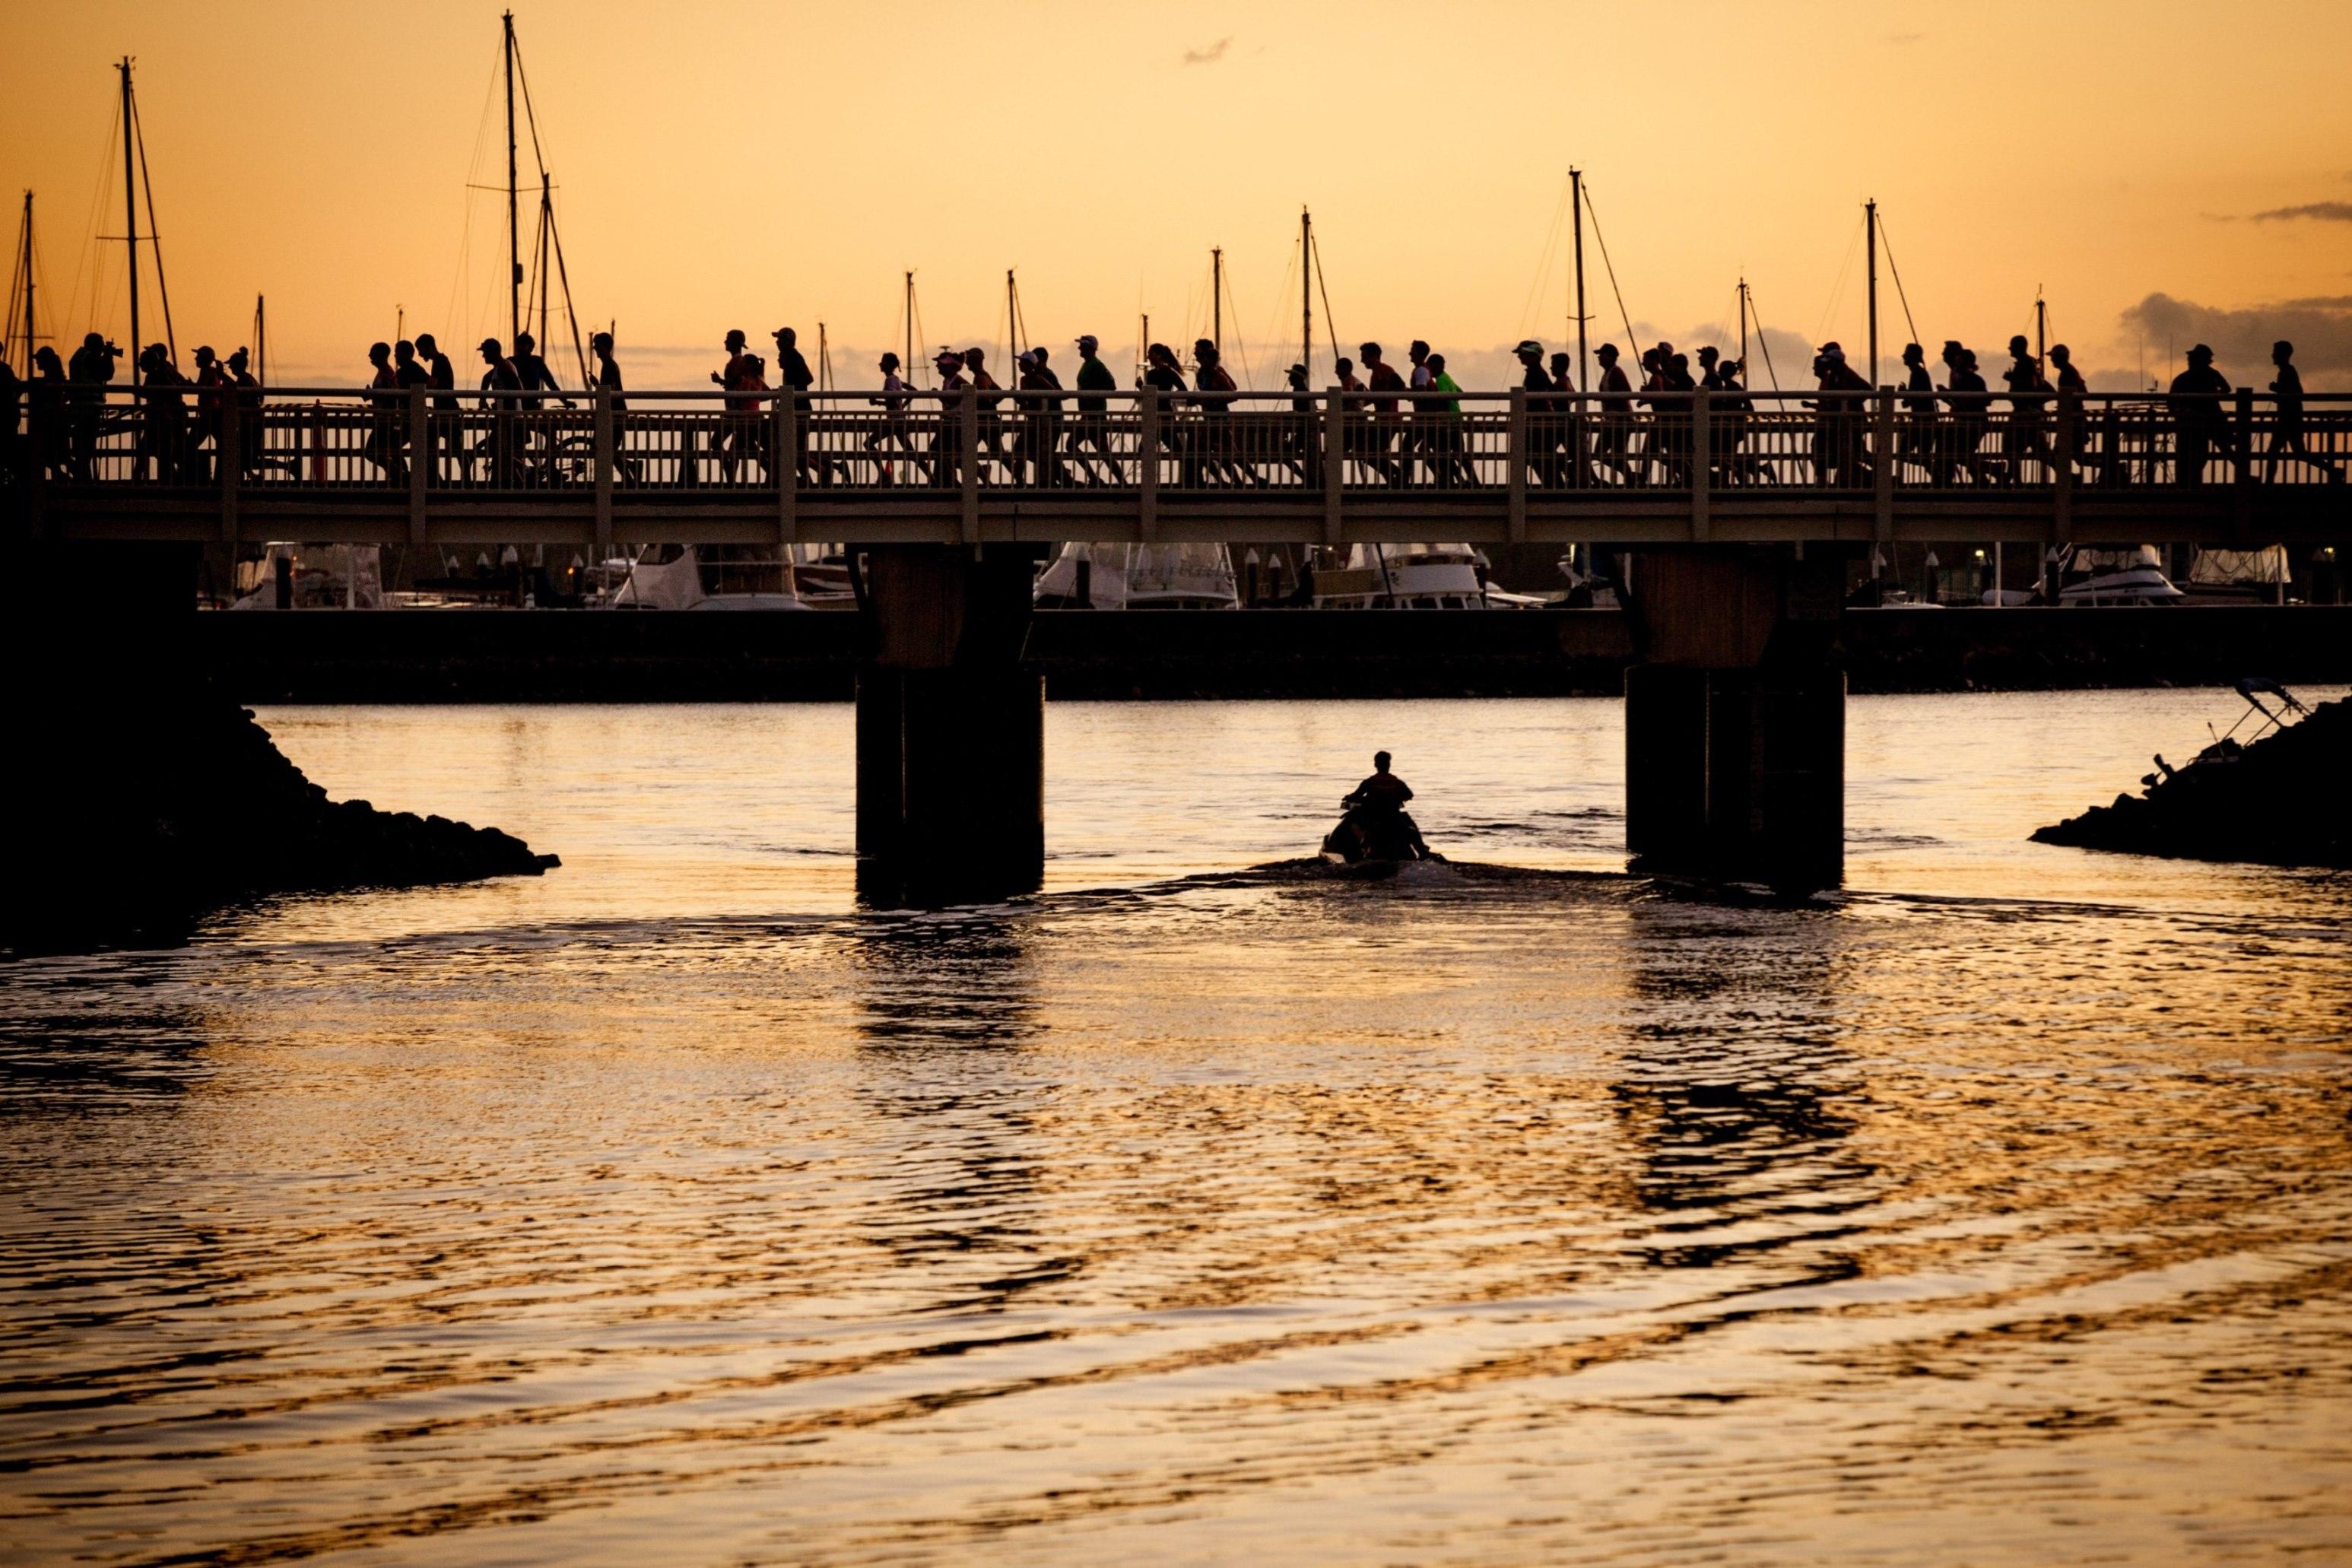 喜歡跑步的你不能錯過的年度體育盛會-黃金海岸馬拉松